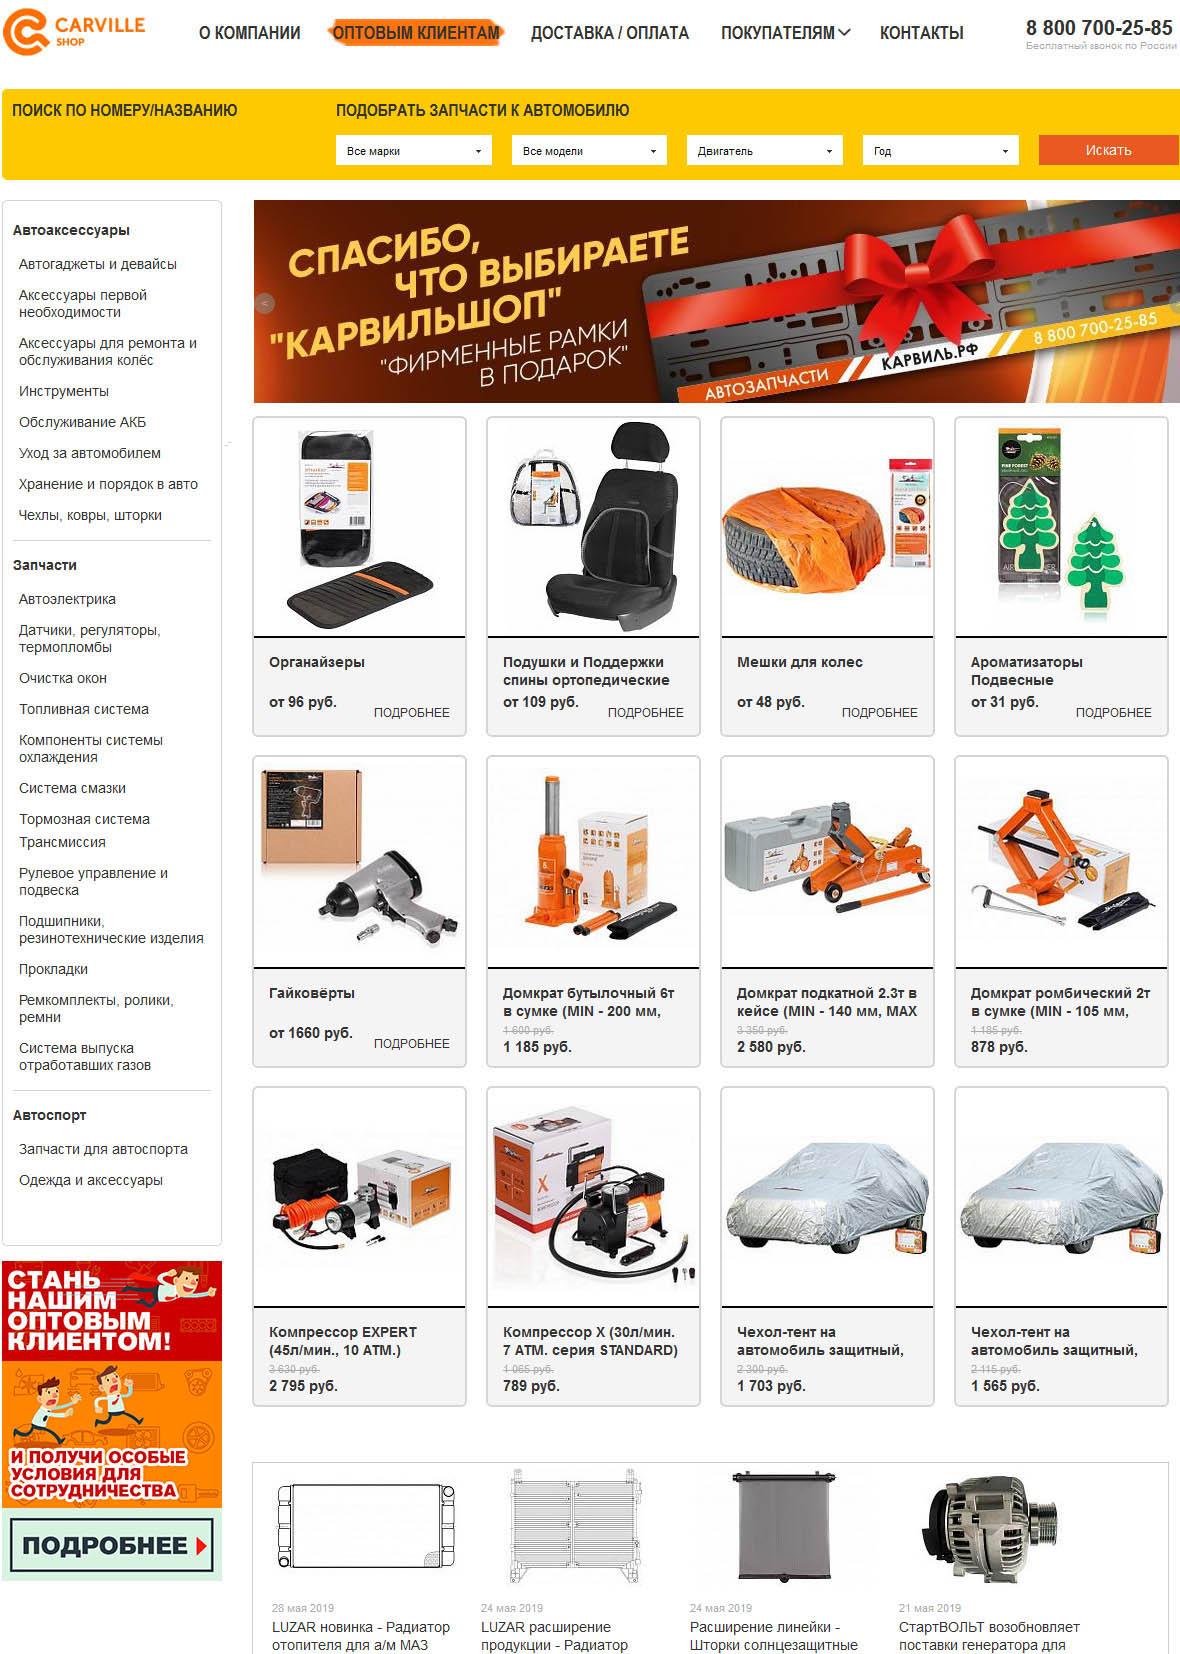 Интернет-магазин Карвильшоп